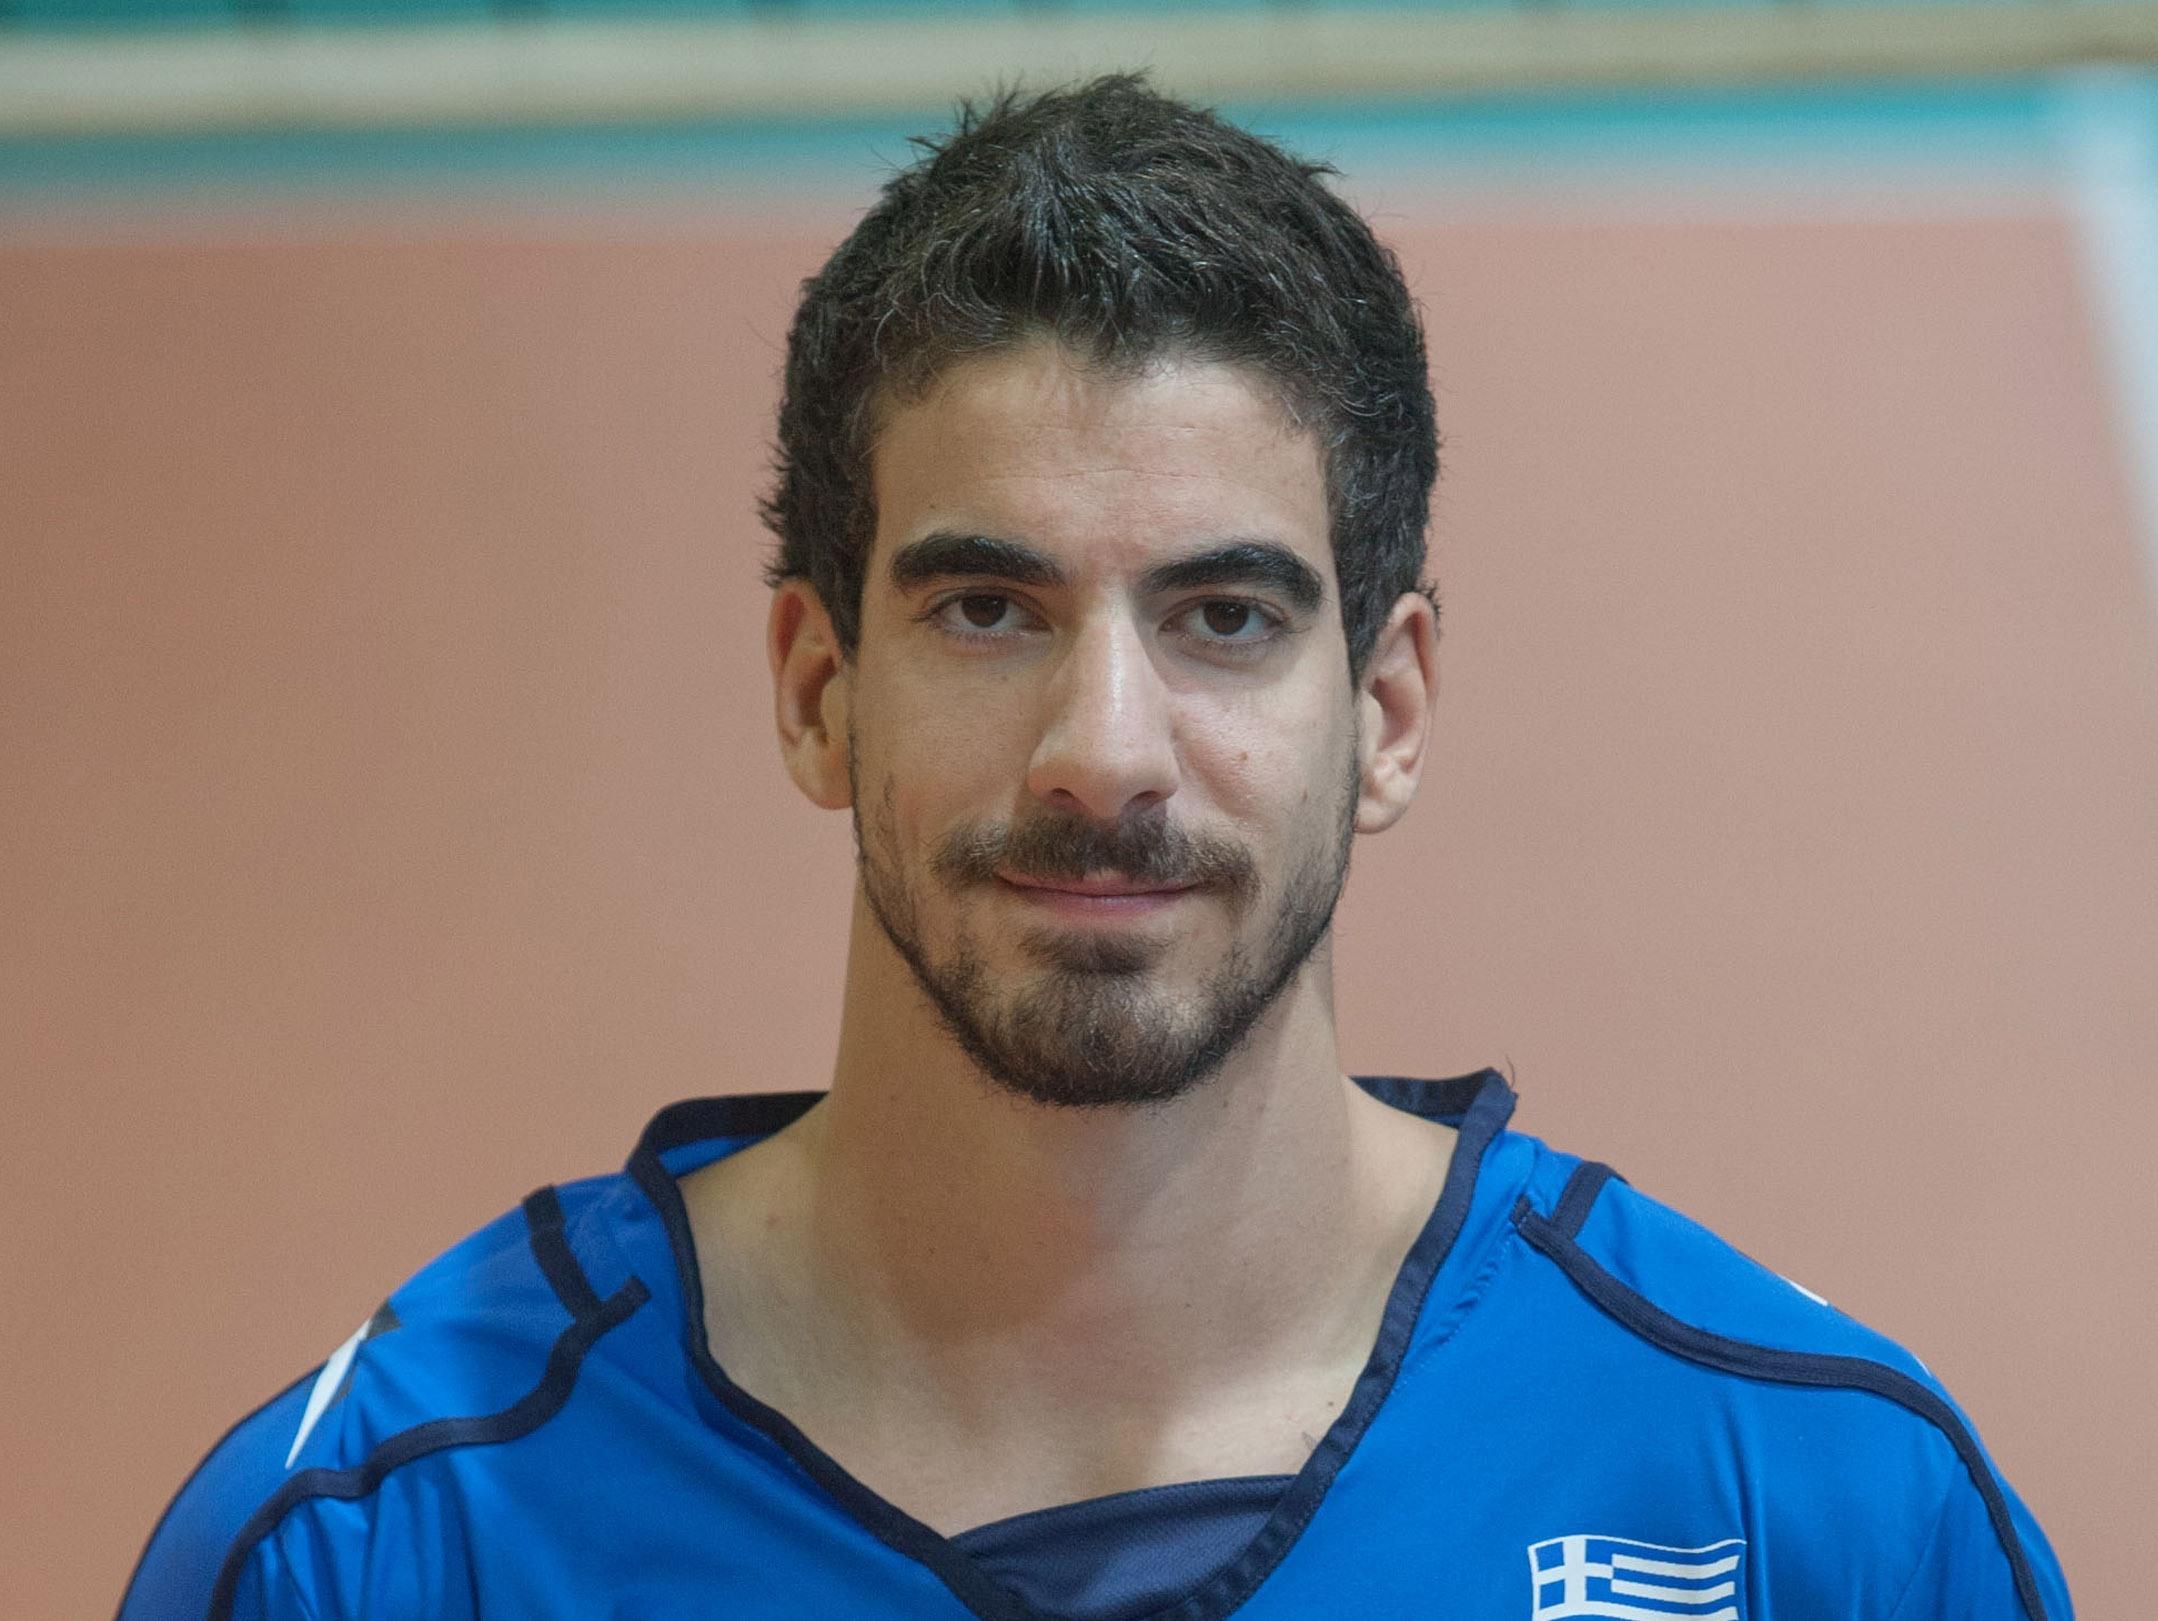 Andreas-Dimitrios Fragkos